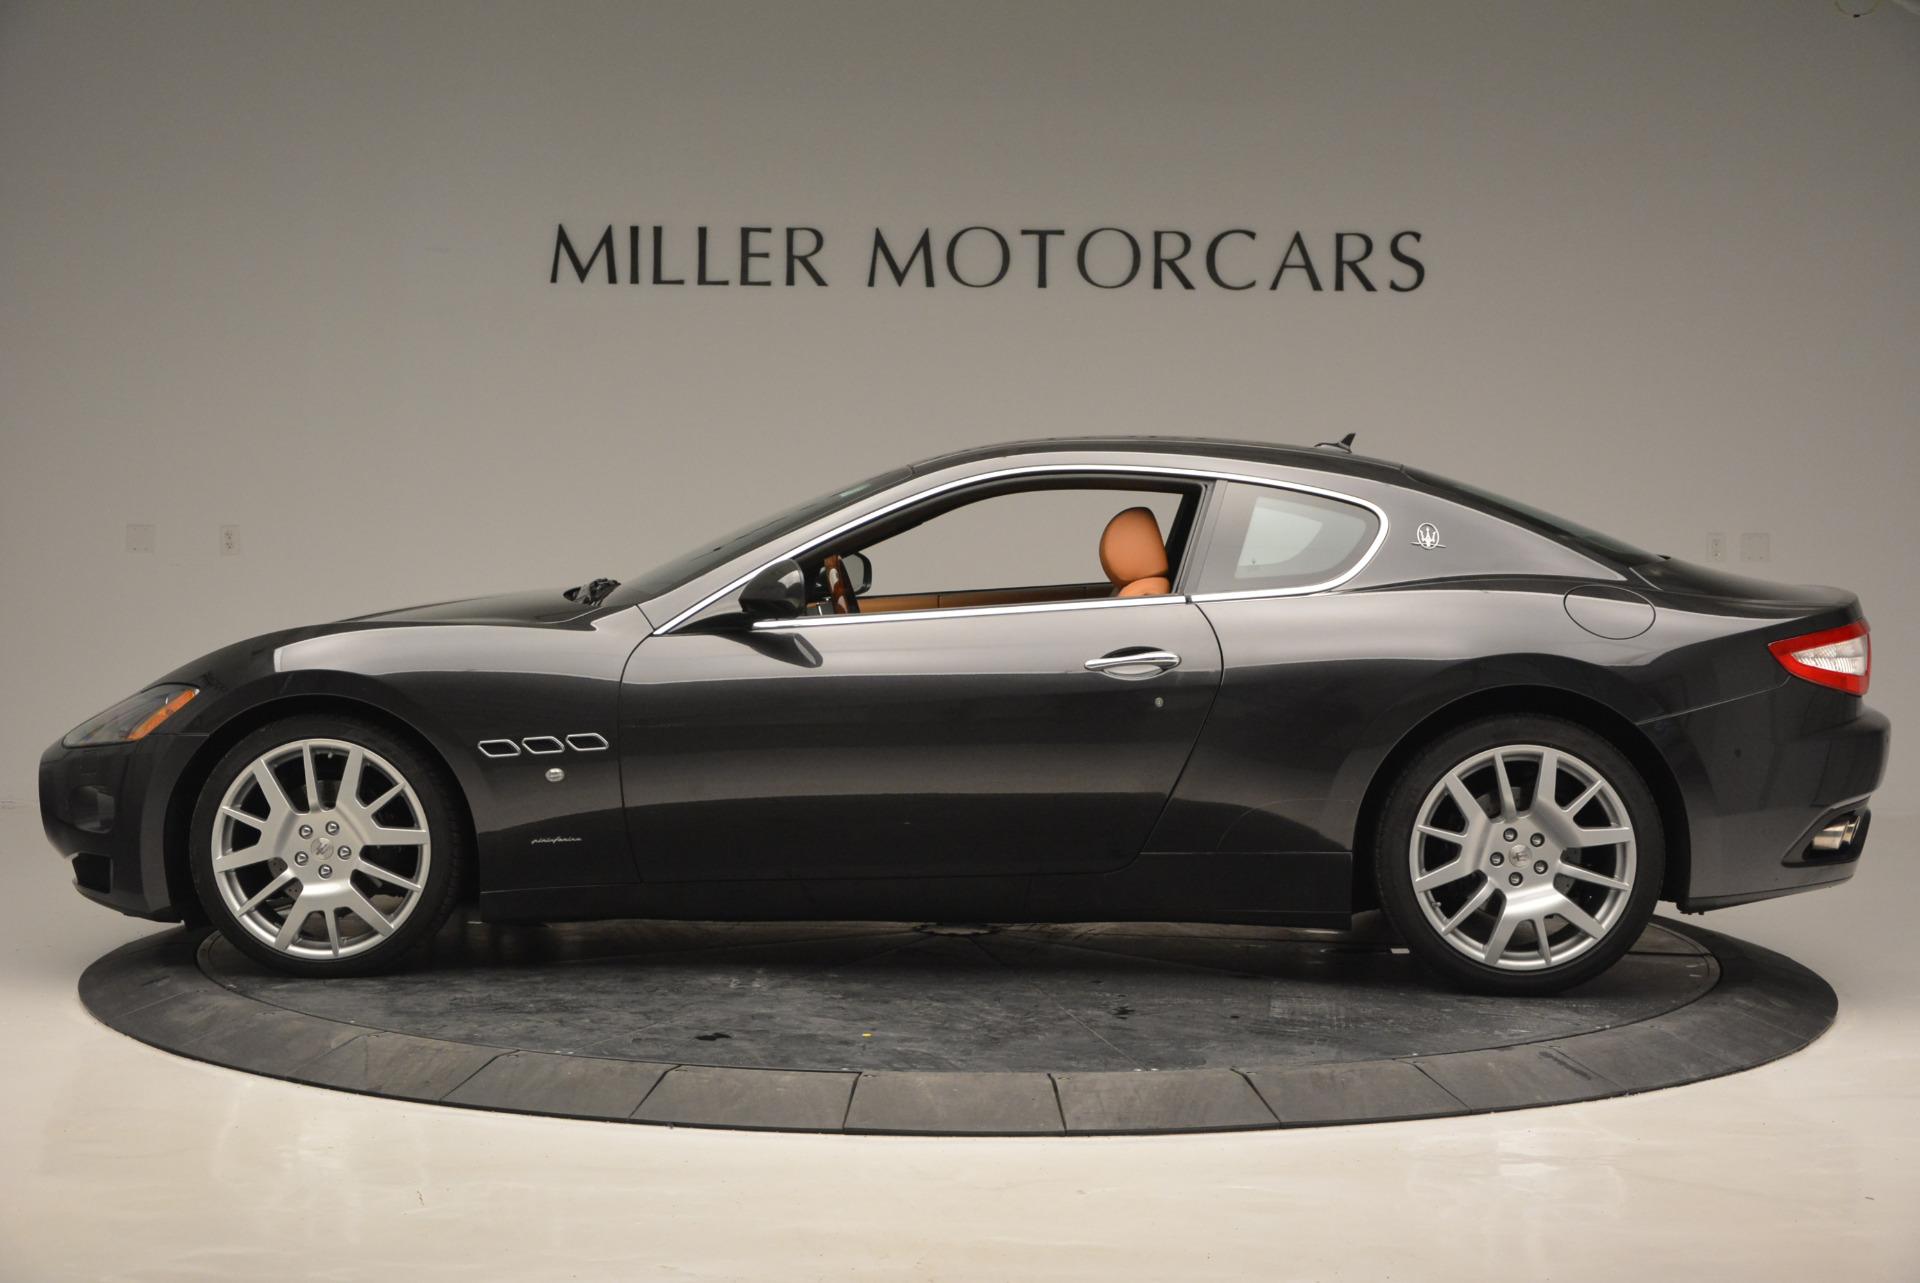 Used 2011 Maserati GranTurismo  For Sale In Greenwich, CT. Alfa Romeo of Greenwich, 7128 816_p3